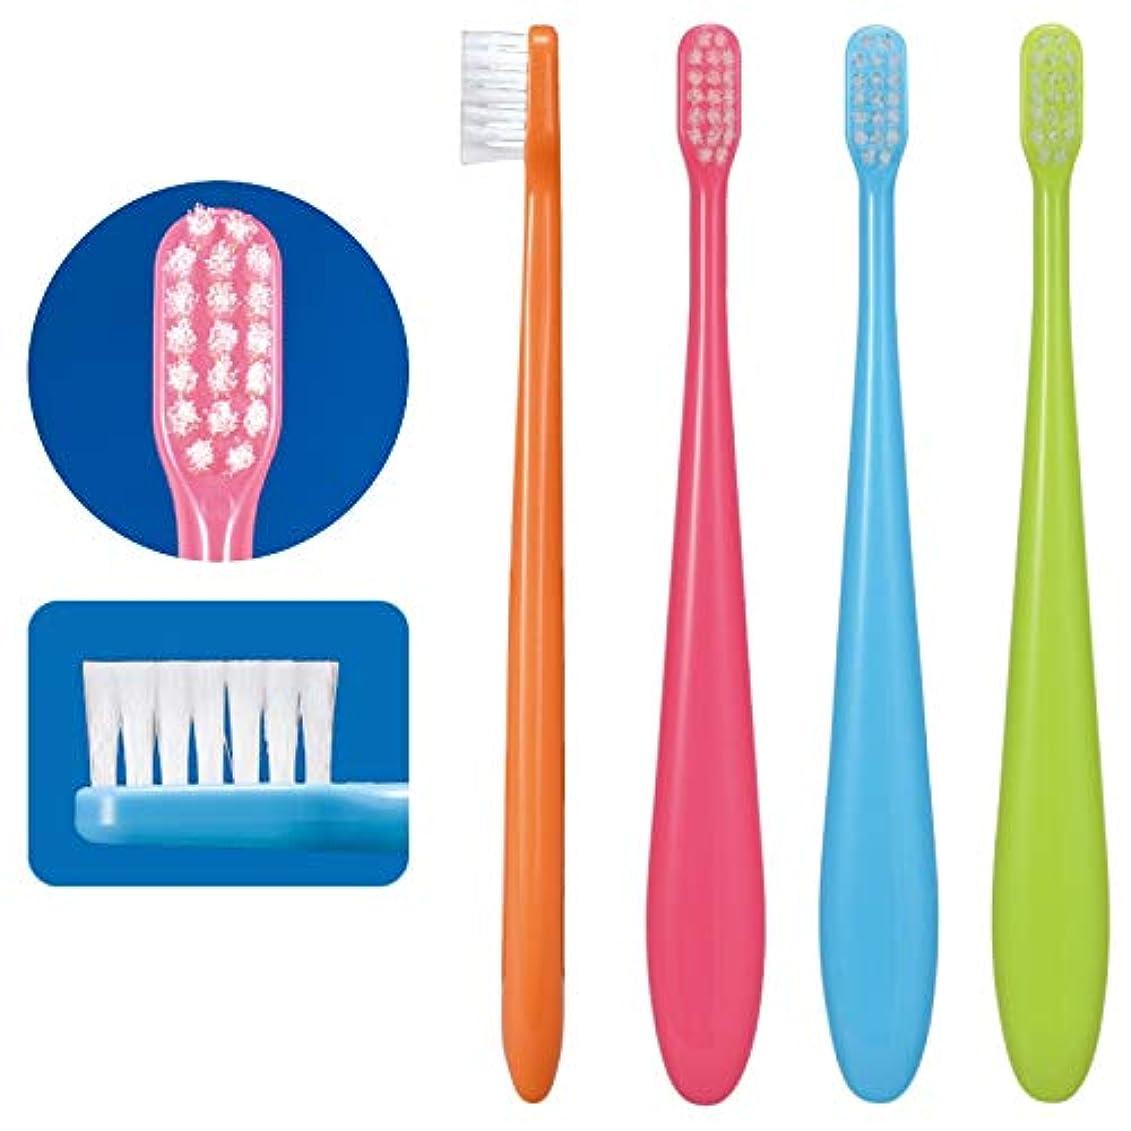 振るう勧告危機Ci ミニ歯ブラシ ミディミルキー 20本 M(ふつう) 歯科専売品 日本製